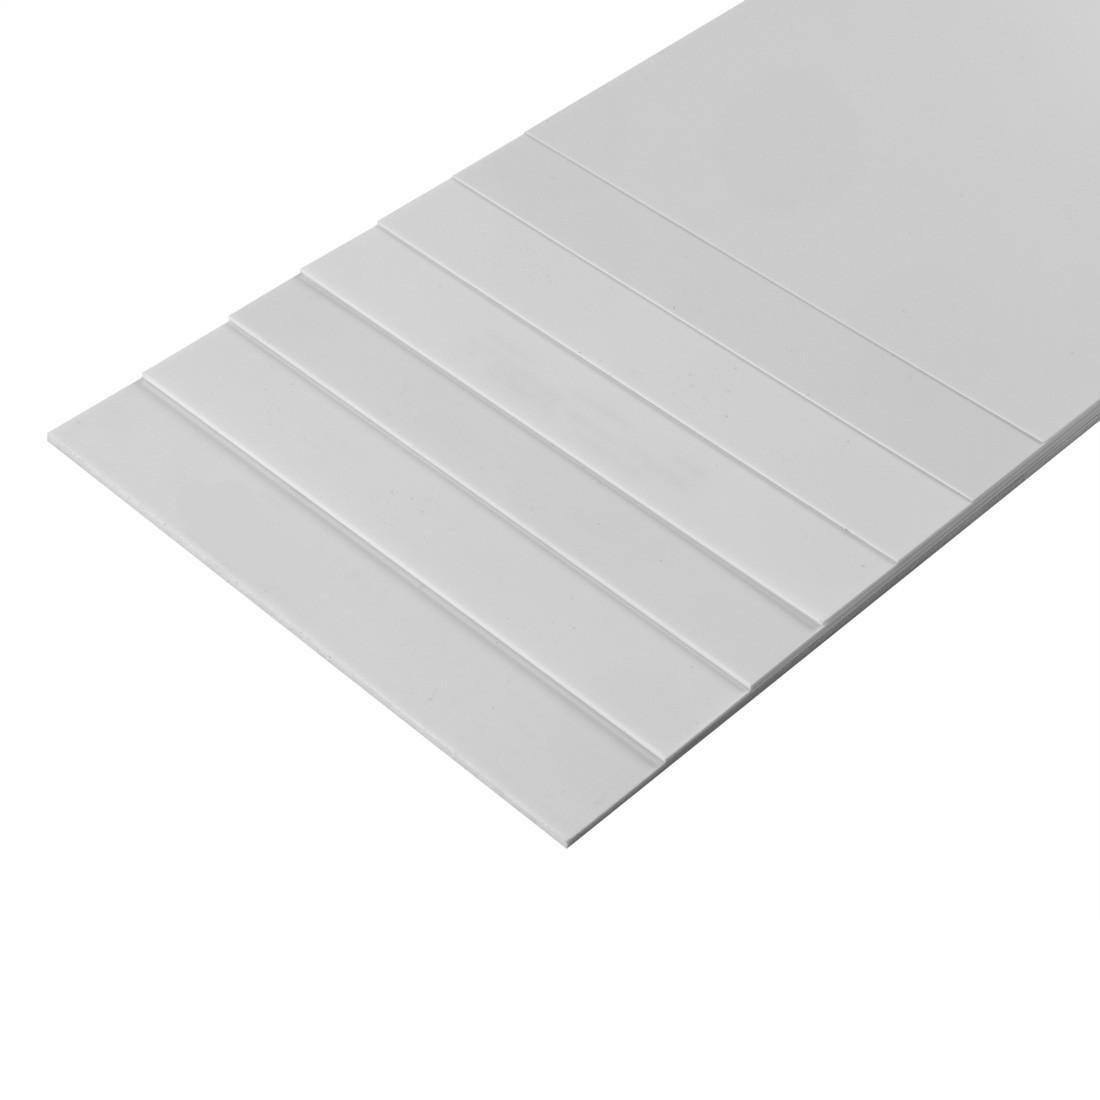 Feuille Styrène blanc mm. 194x320- mm. 0,5